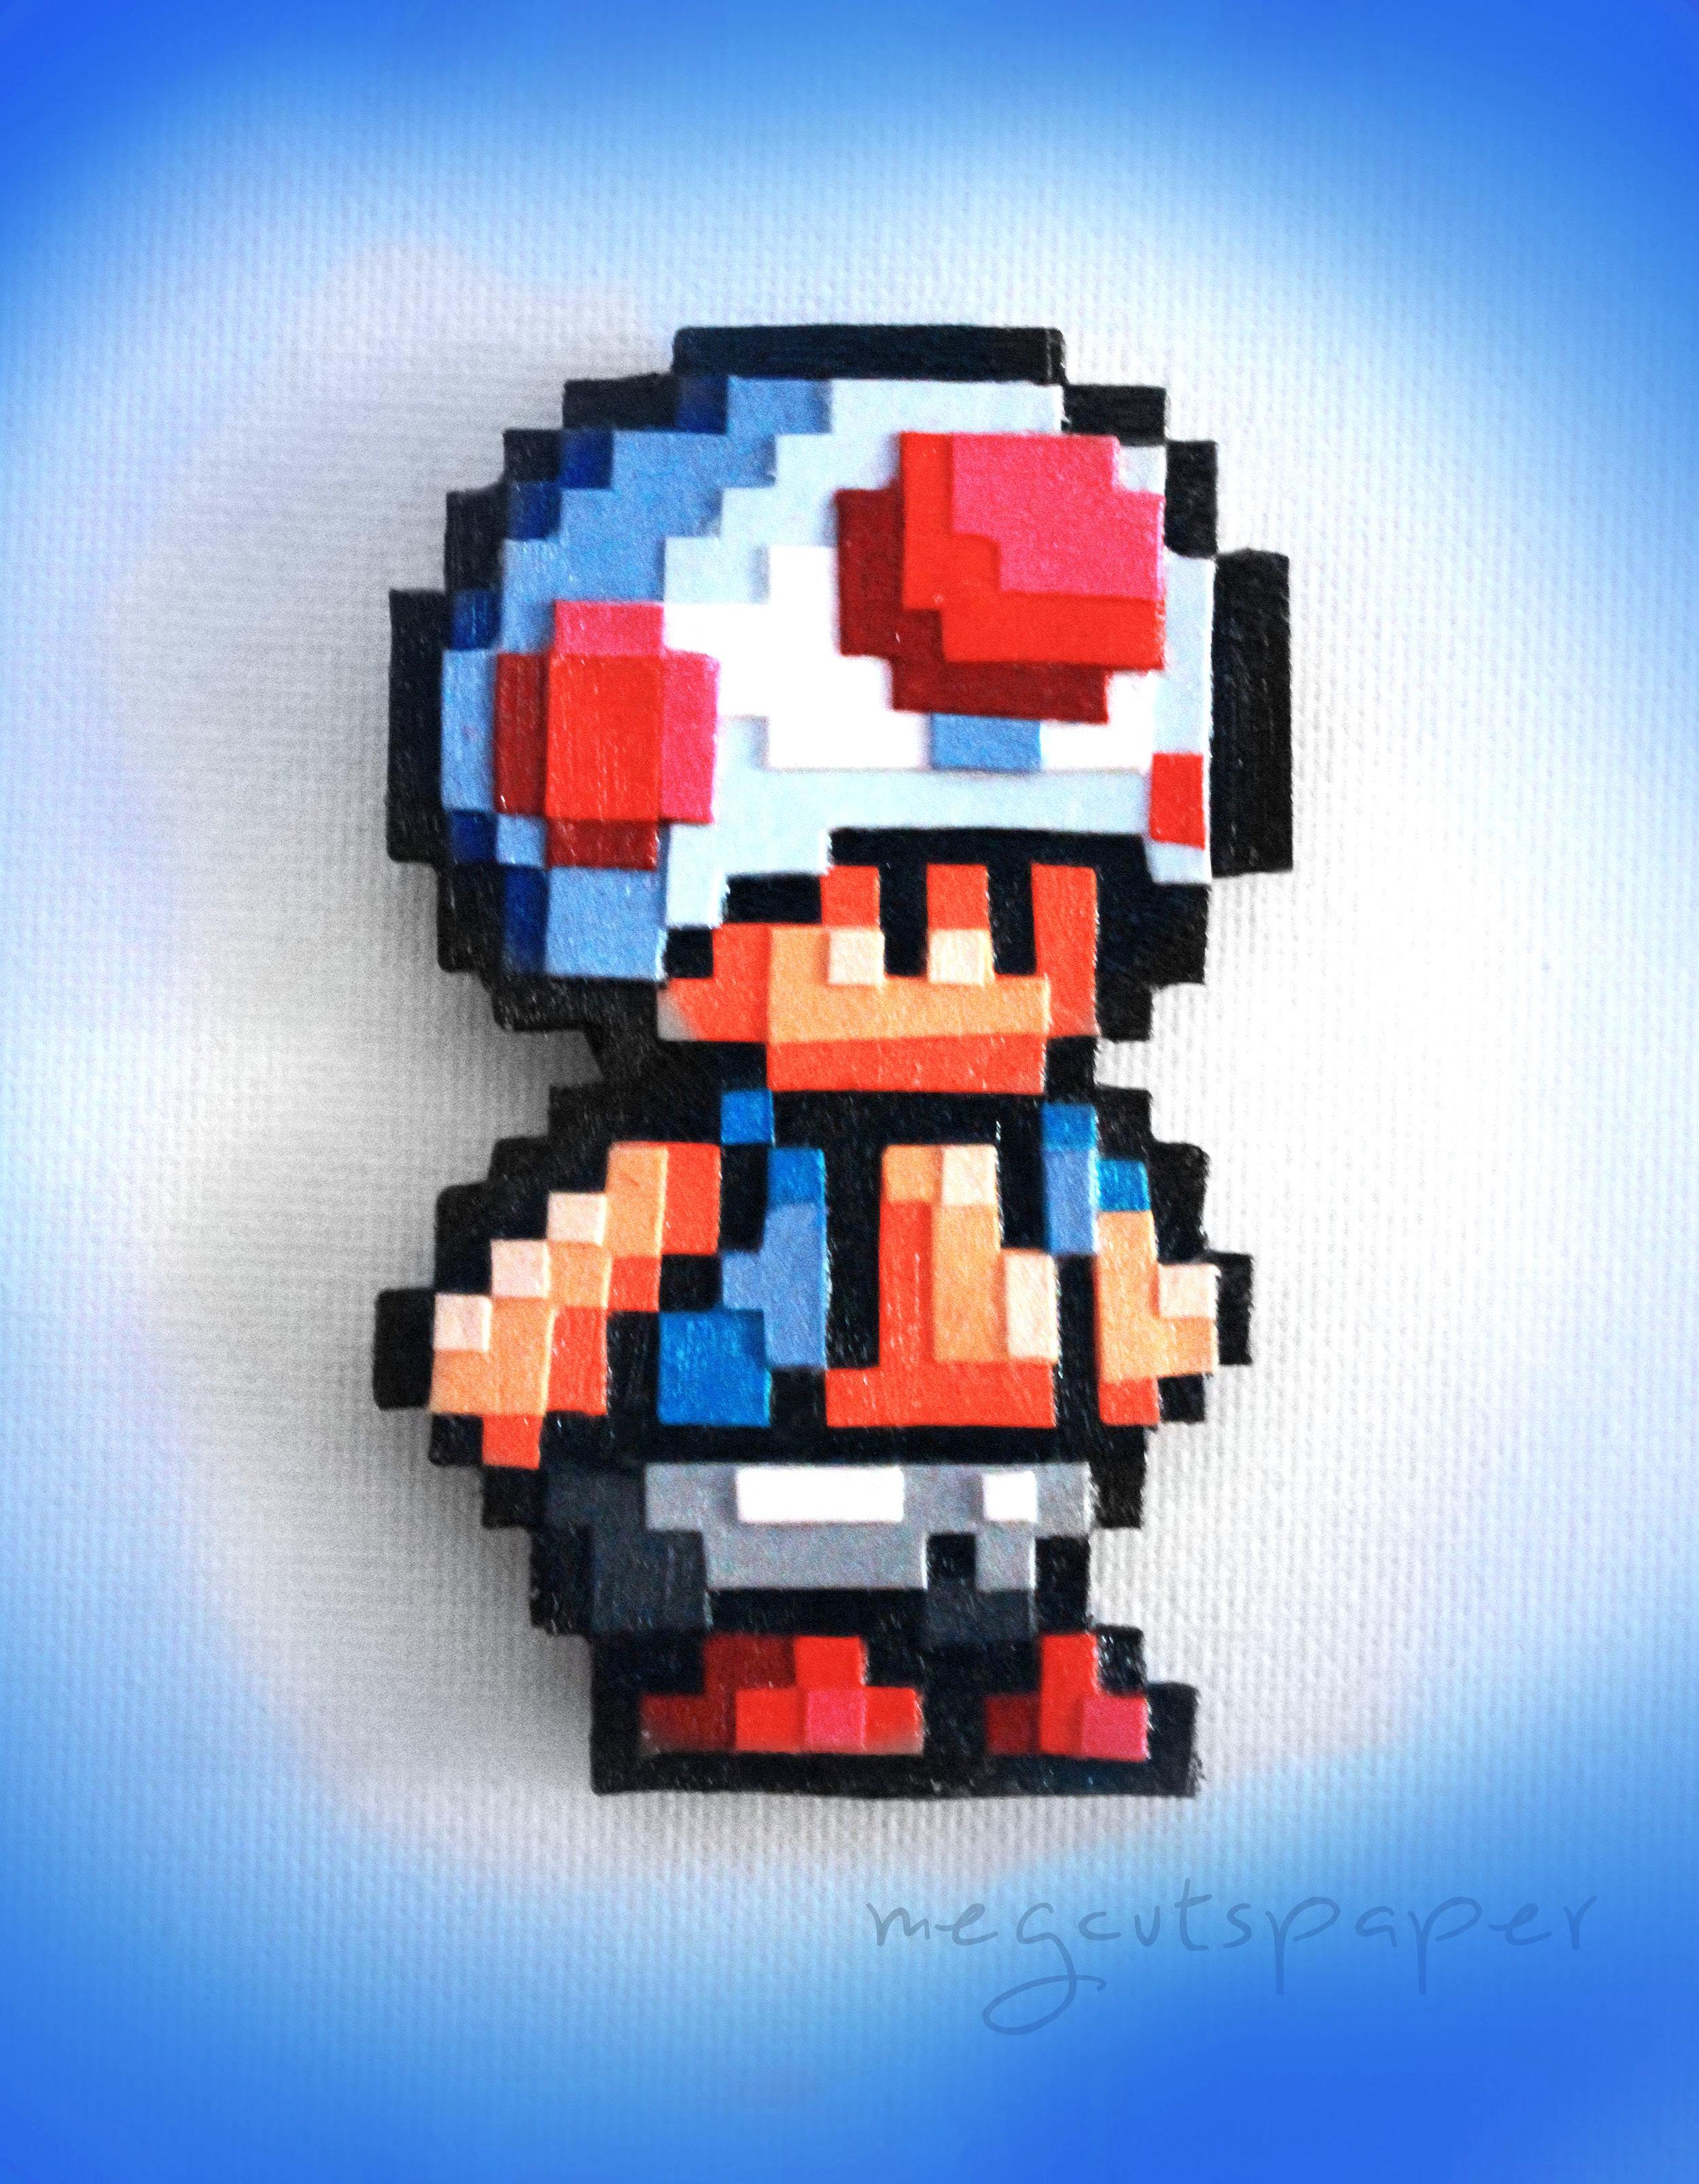 Megcutspaper_Toad_Magnet_Papercut.jpg